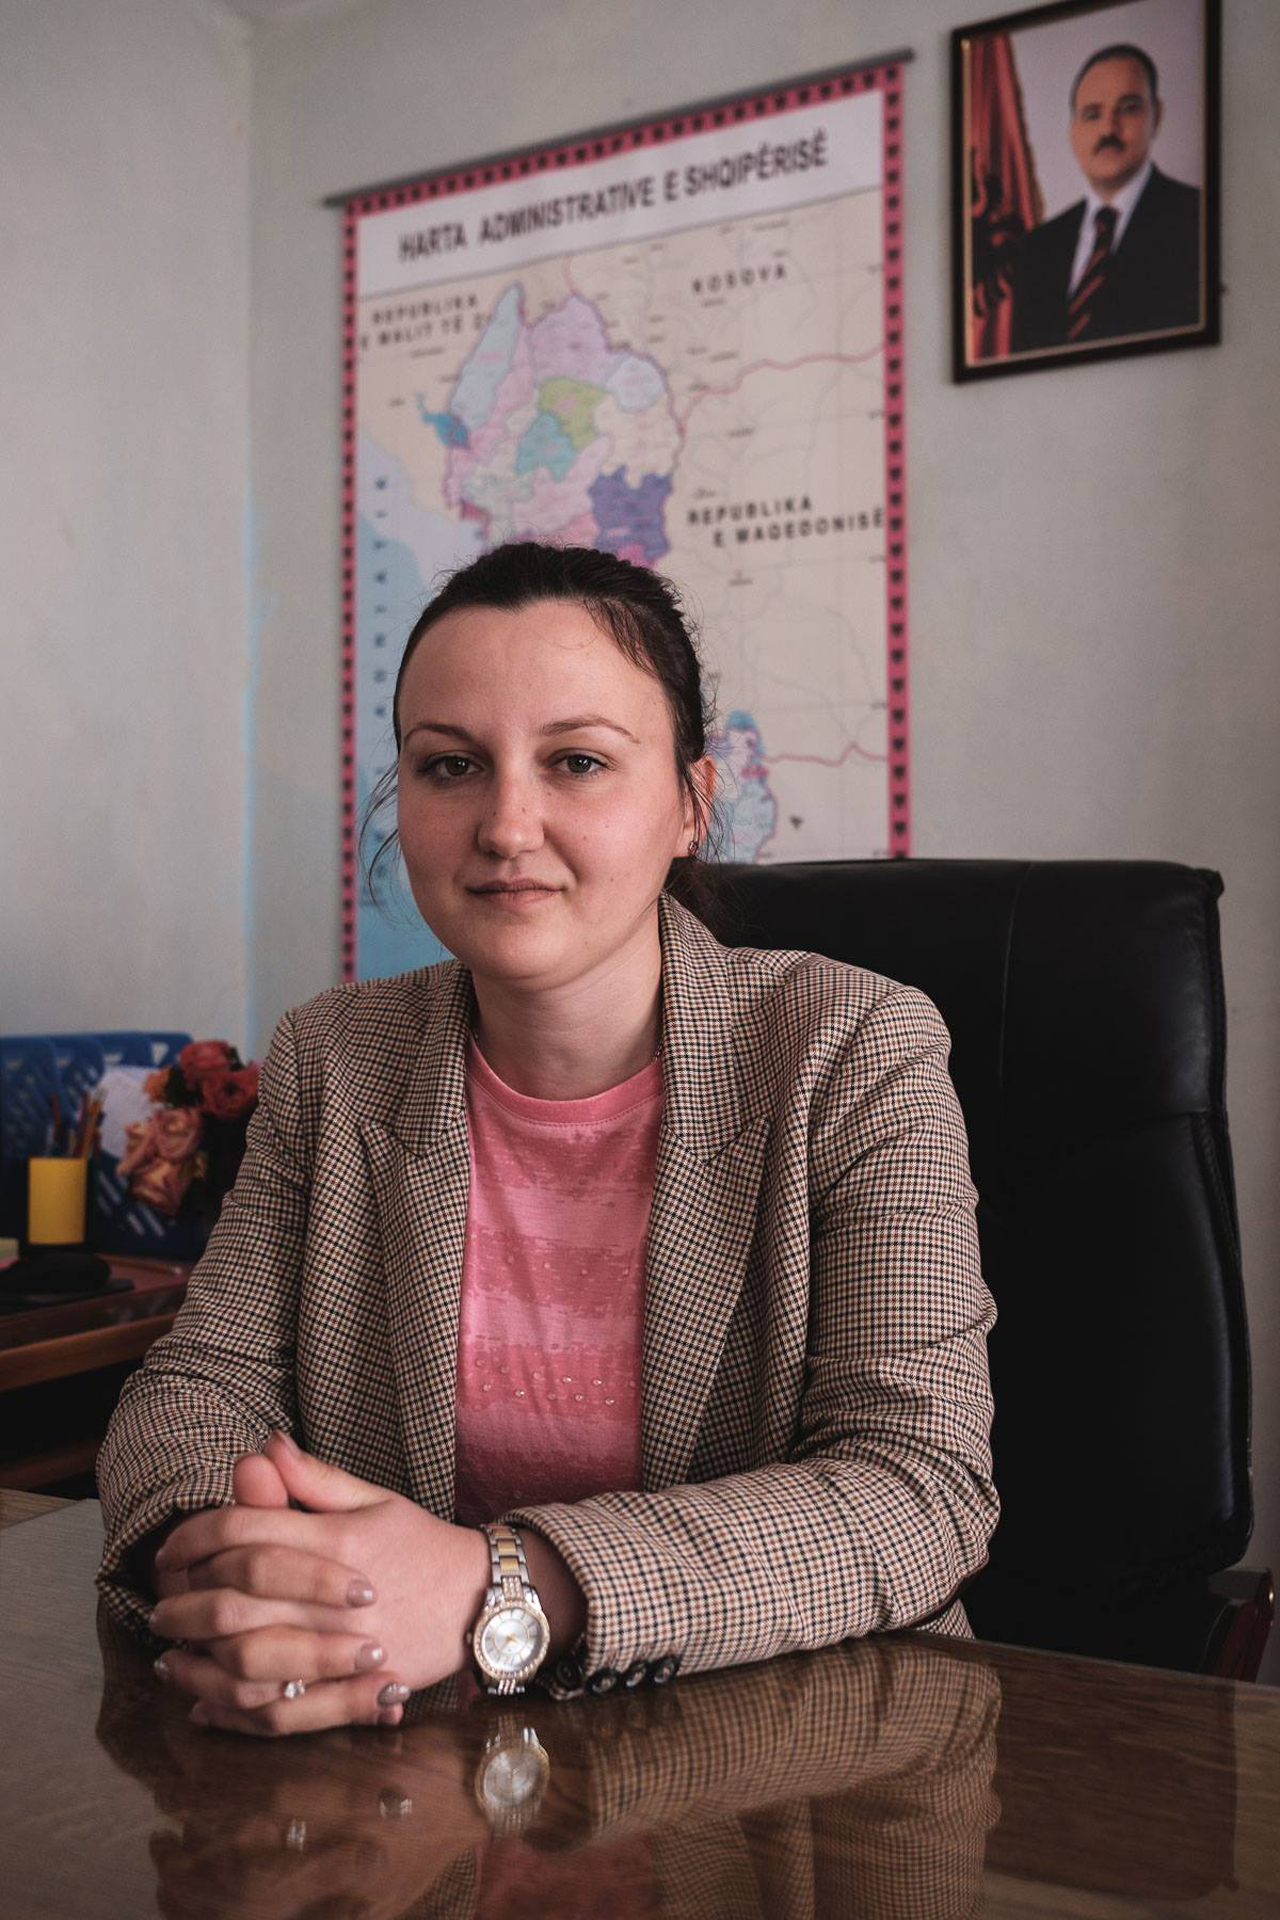 Romina Mustafaraj